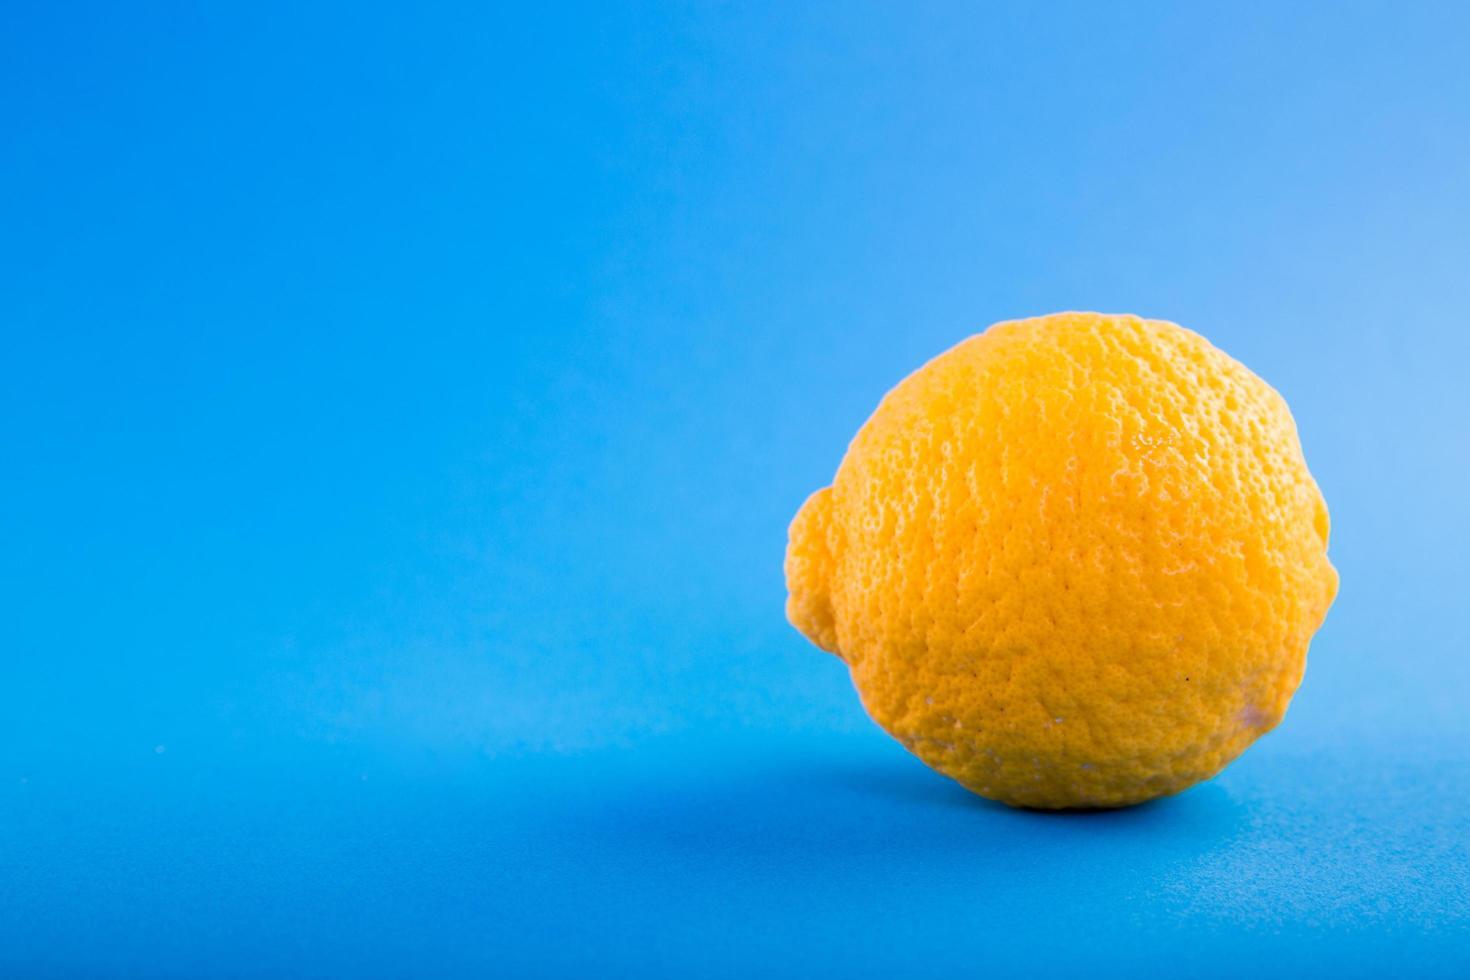 limone giallo su sfondo blu foto